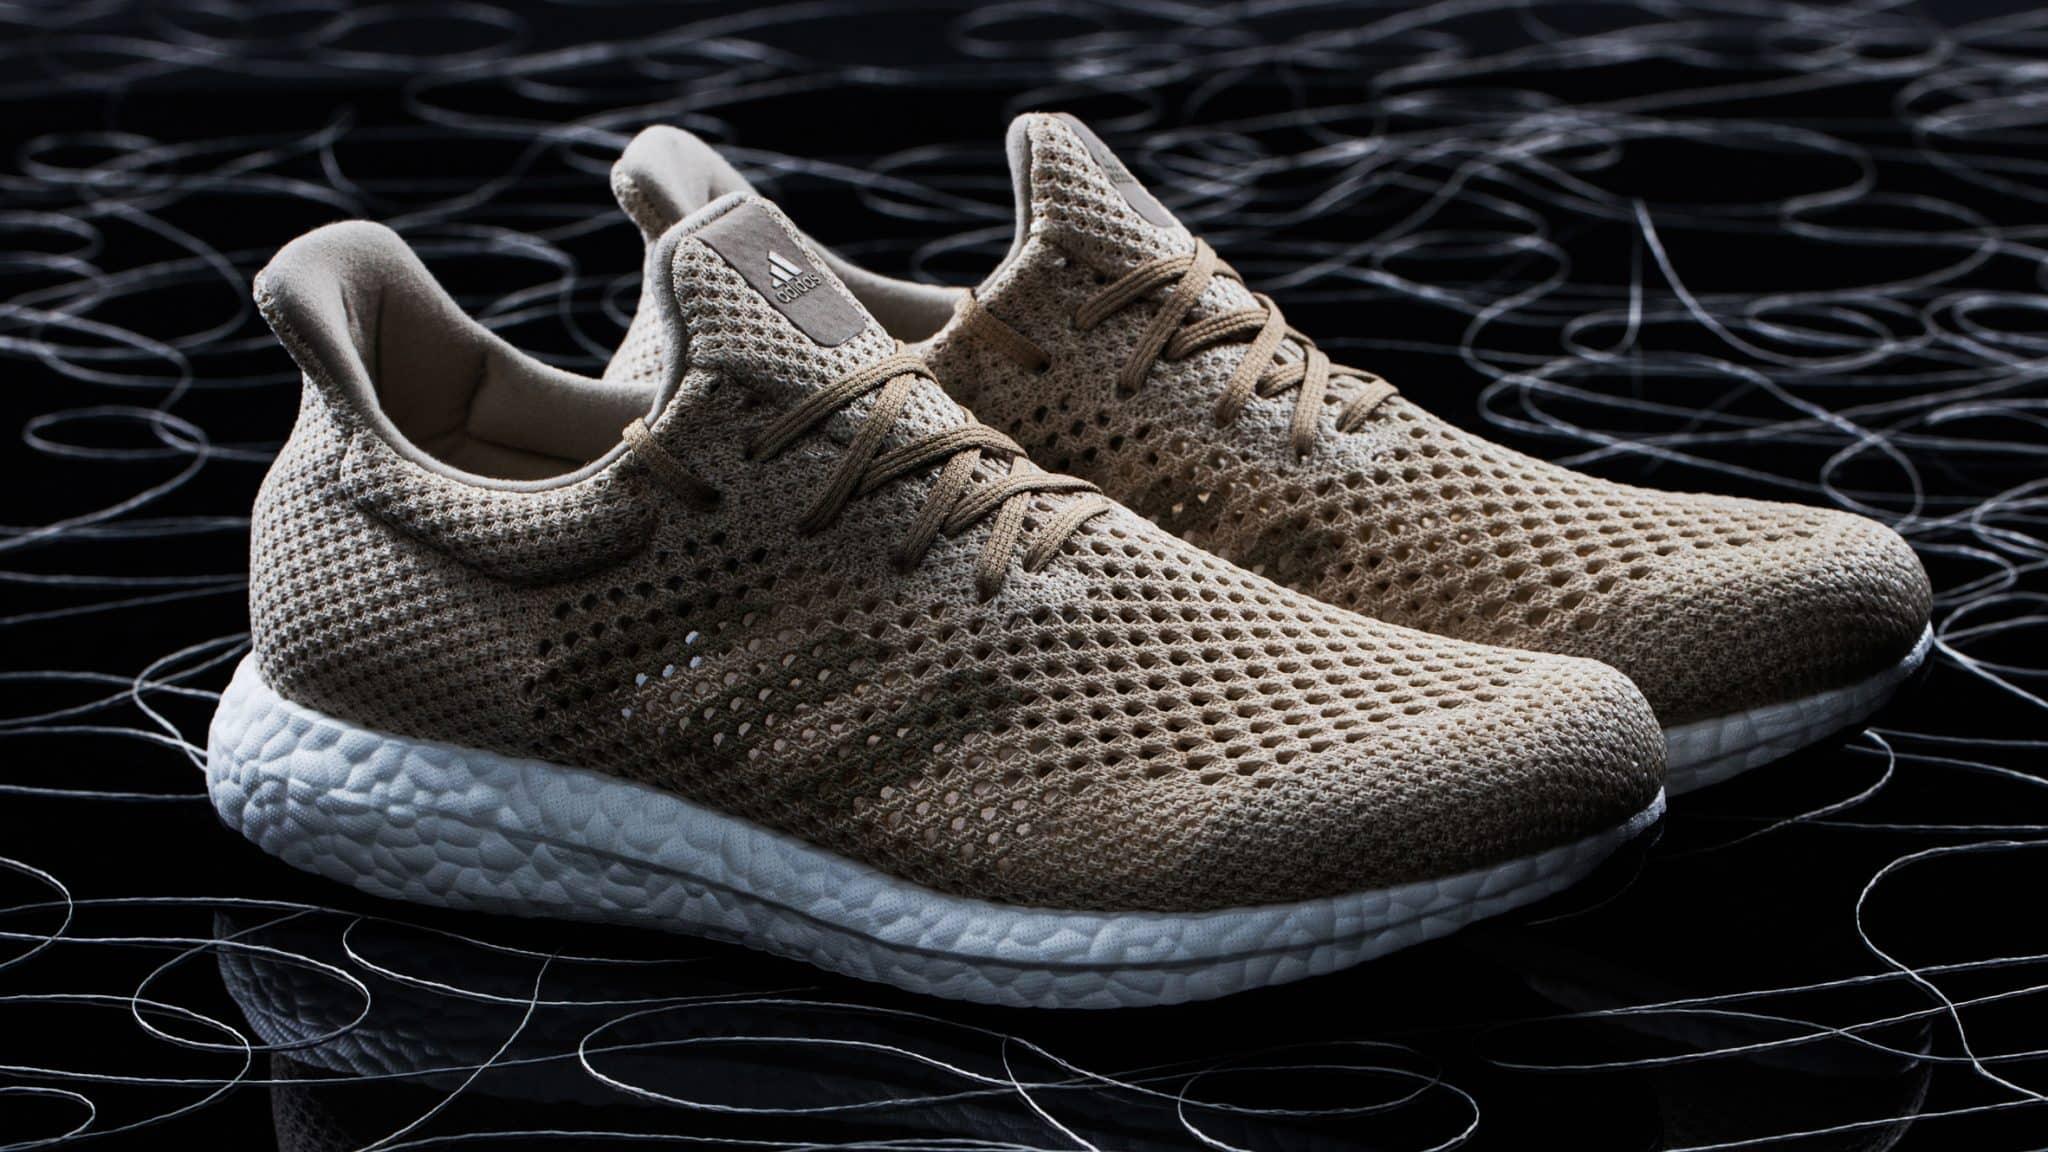 La rivoluzione della moda etica: Adidas lancia le scarpe vegane